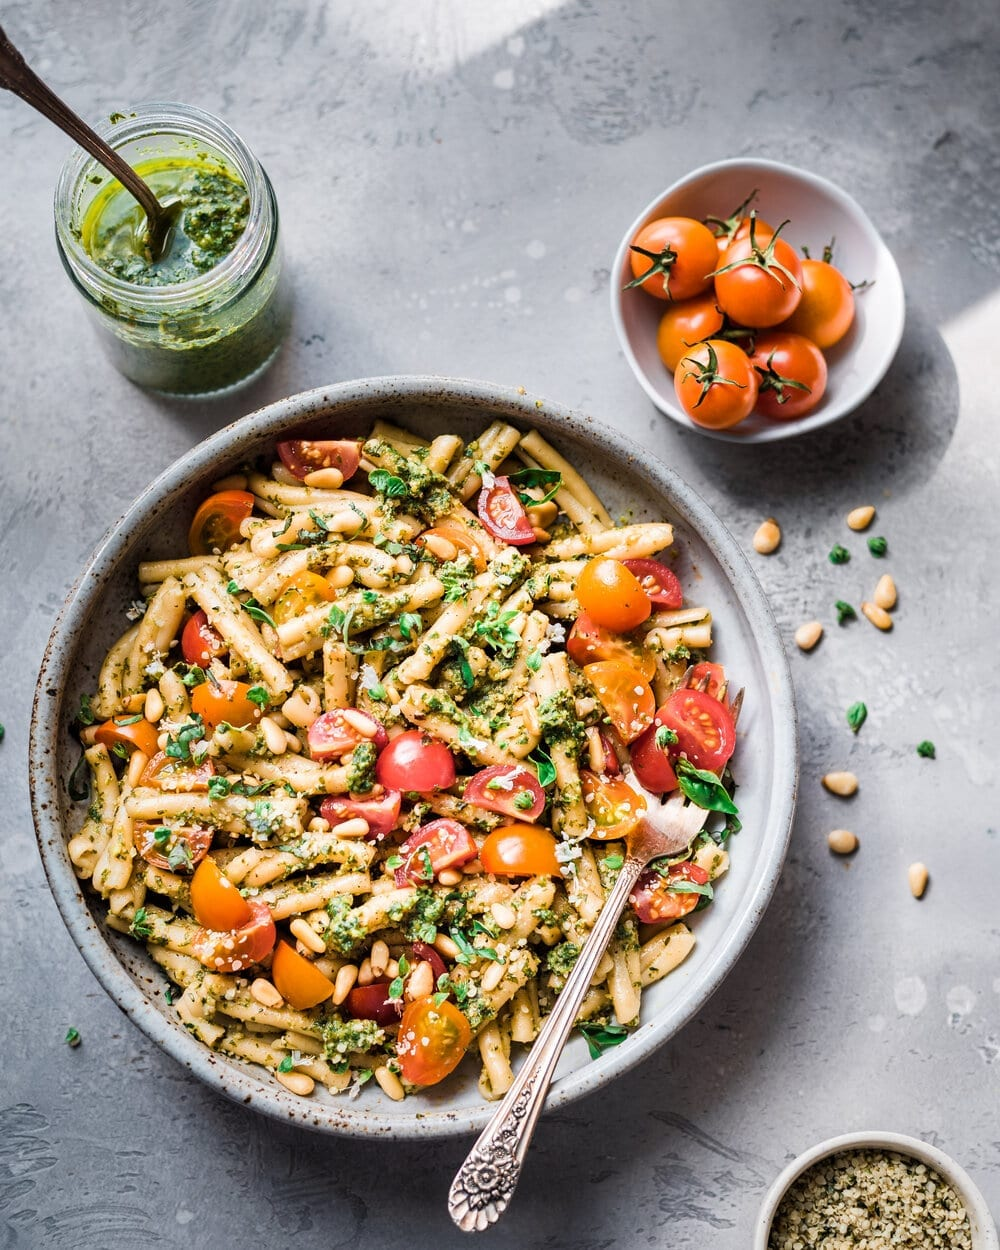 How to Make Vegan Pesto + Three Vegan Pesto Recipes